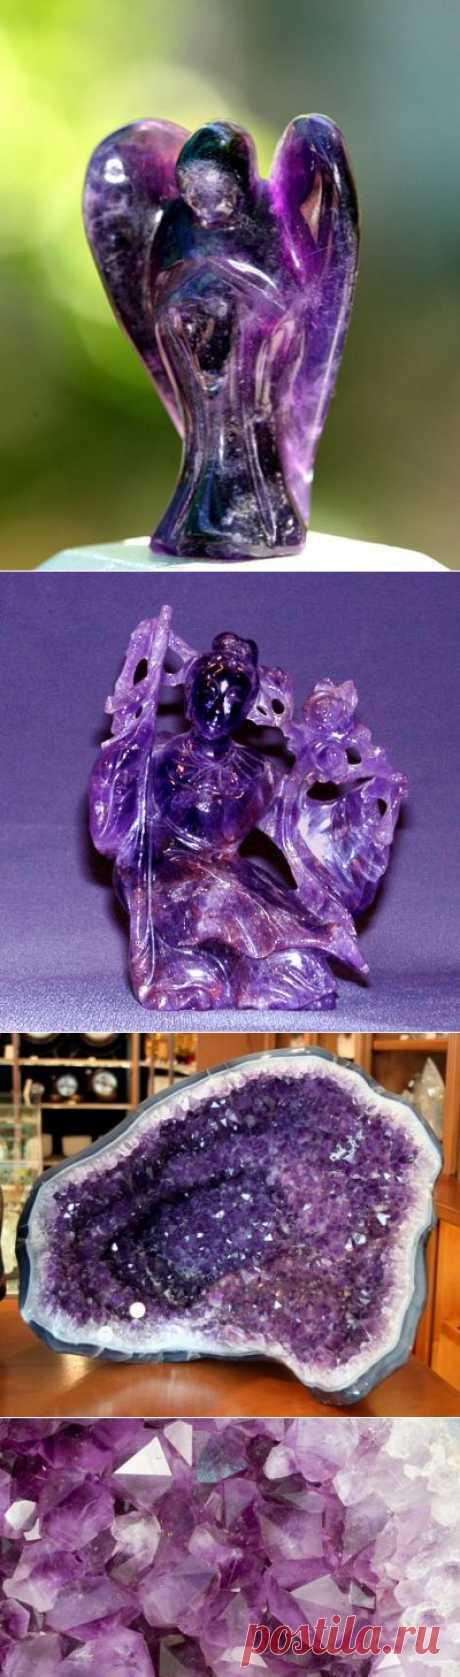 Глубокий фиолетовый цвет аметиста резонирует с высшими чакрами или энергетическими центрами — третьим глазом и коронной чакрой. Поэтому аметист используется для медитации и открытия блоков, мешающих получению высшего знания.\ Аметист - камень высшего знания | Ветер и Вода